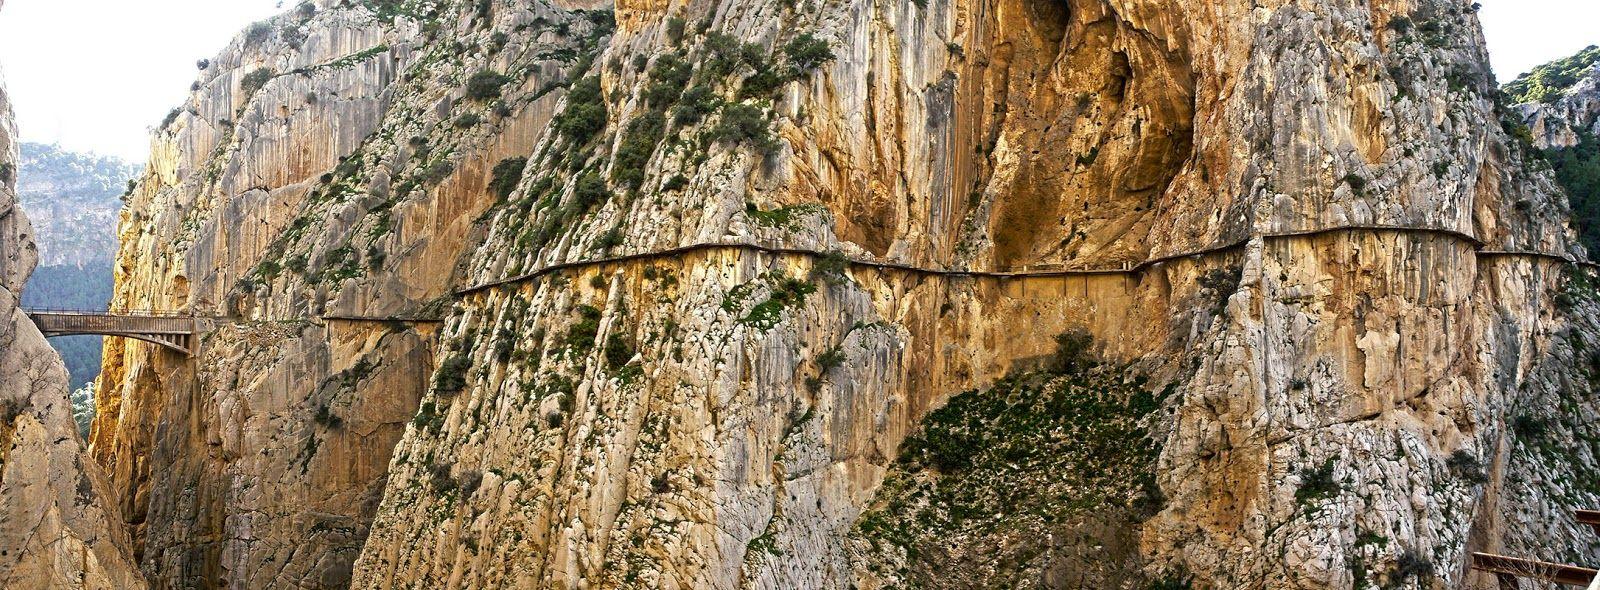 Il Caminito del Rey è uno spettacolare percorso escursionistico che si trova in Spagna a El Chorro, provincia di Malaga. Recentemente sono iniziate delle opere di ripristino del percorso da tempo pericolante.